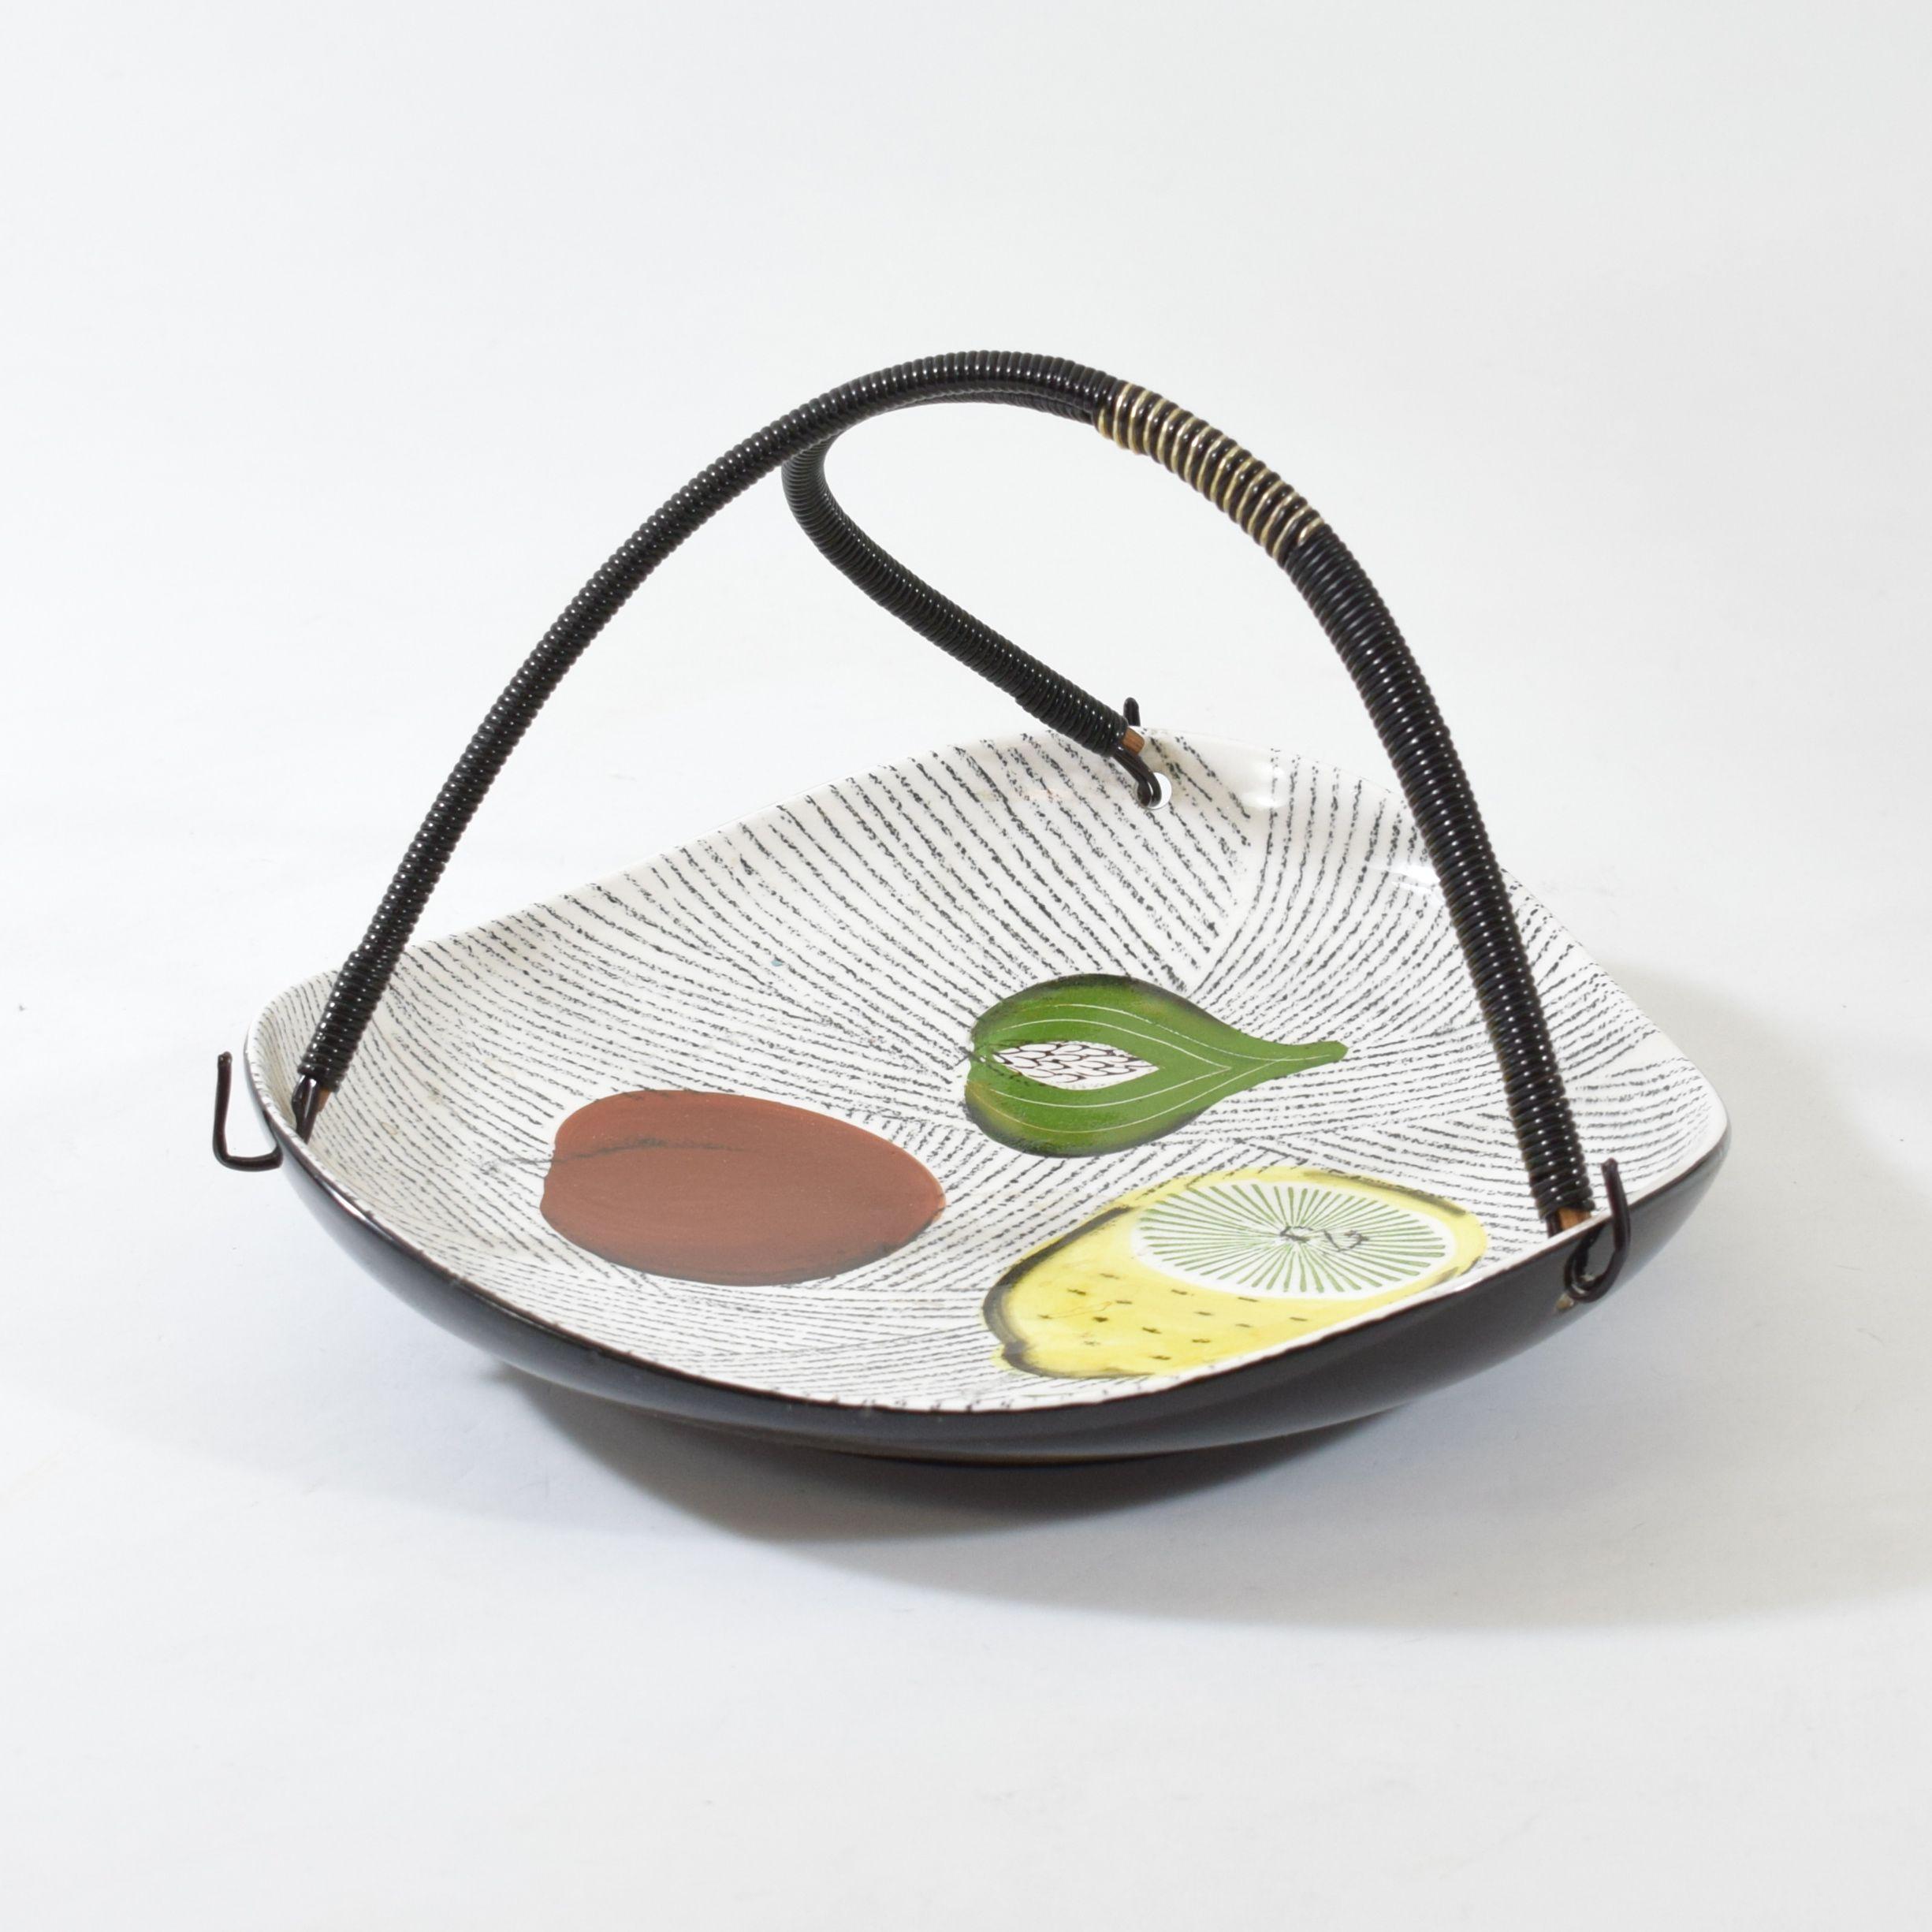 Vintage Ceramic Fruit Bowl 1950s Design Market